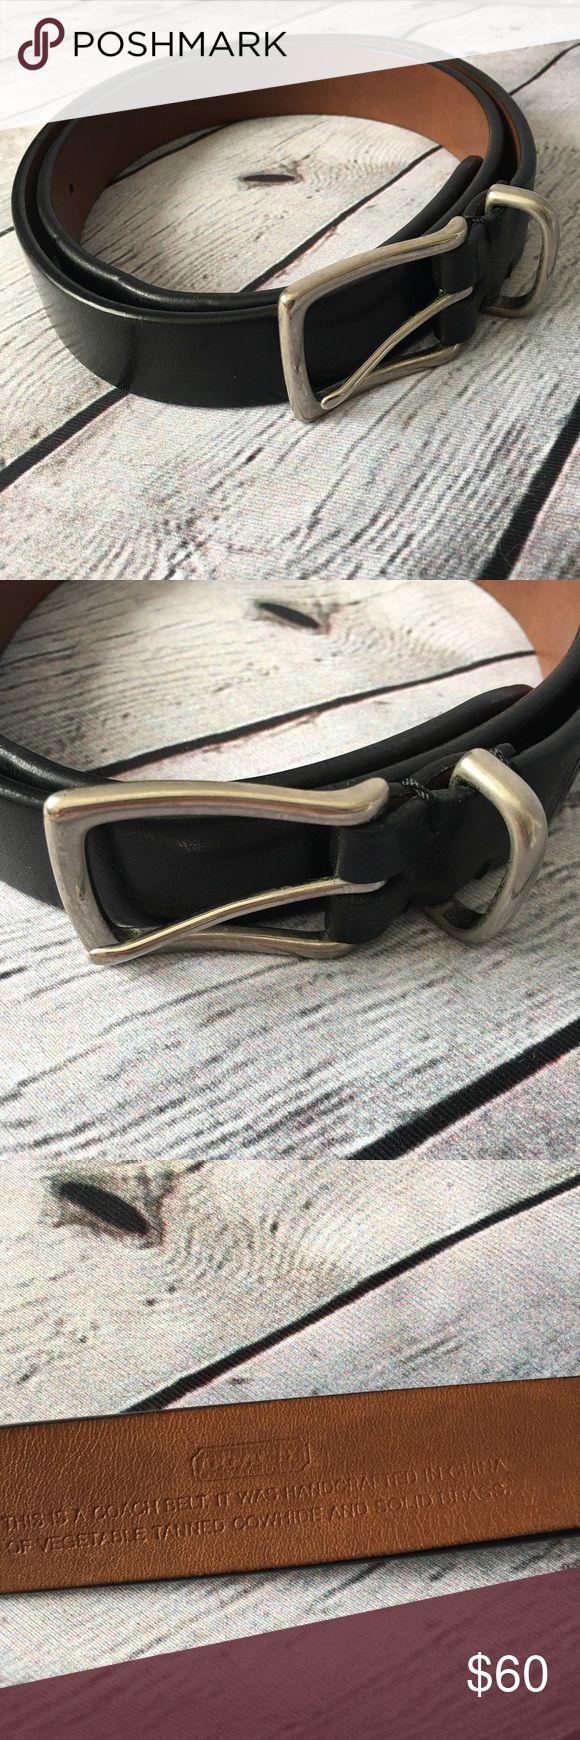 """Black leather coach belt Woman's size 32"""" black leather excellent condition. Bin 8 Coach Accessories Belts"""